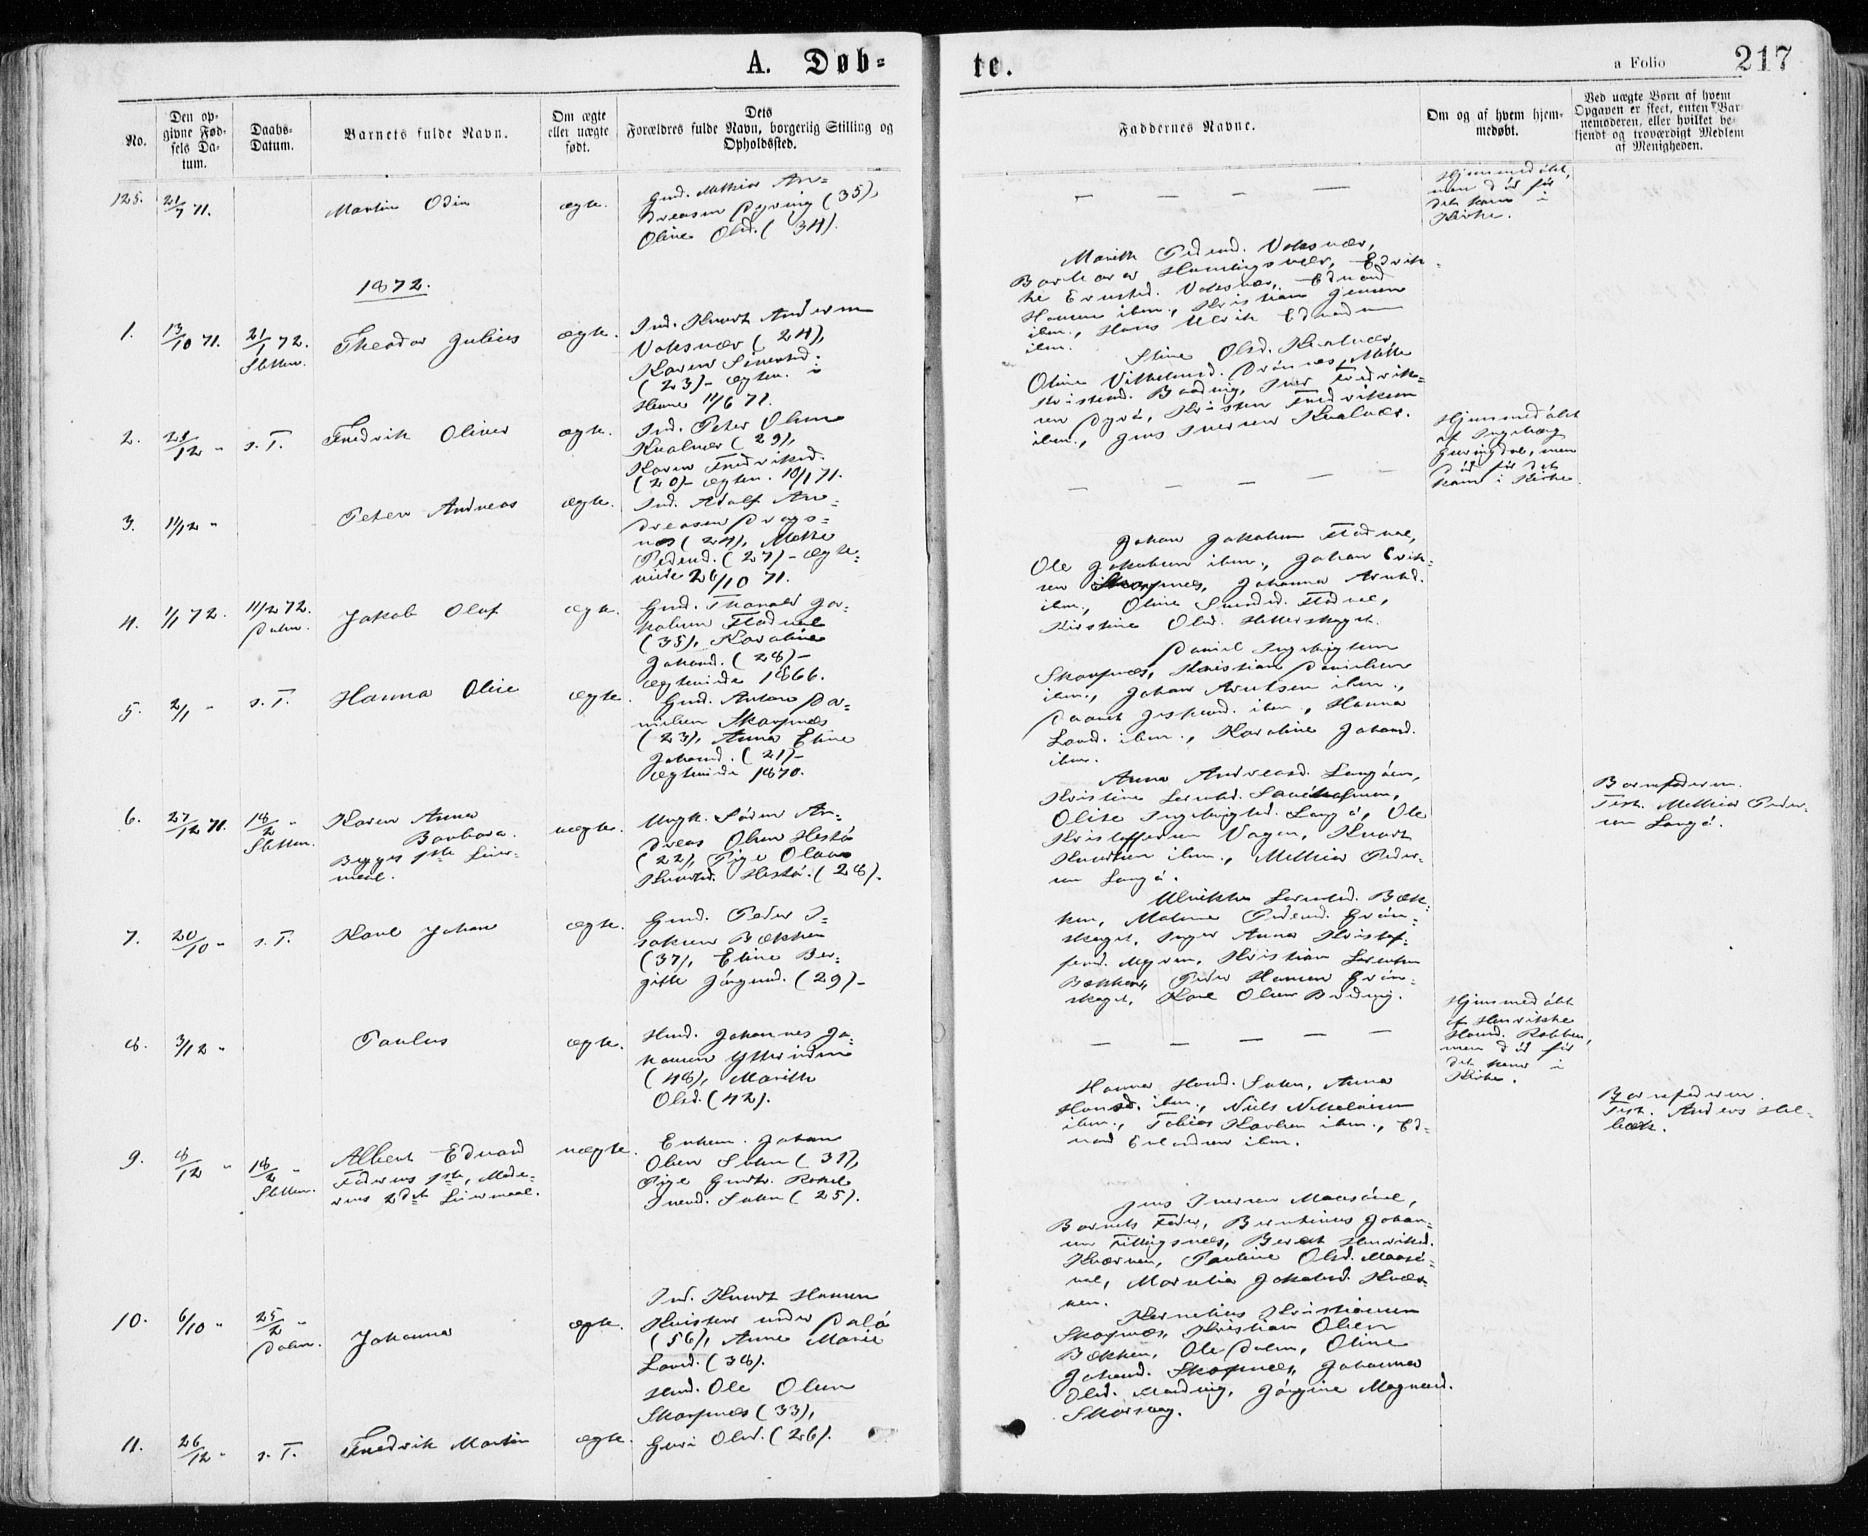 SAT, Ministerialprotokoller, klokkerbøker og fødselsregistre - Sør-Trøndelag, 640/L0576: Ministerialbok nr. 640A01, 1846-1876, s. 217